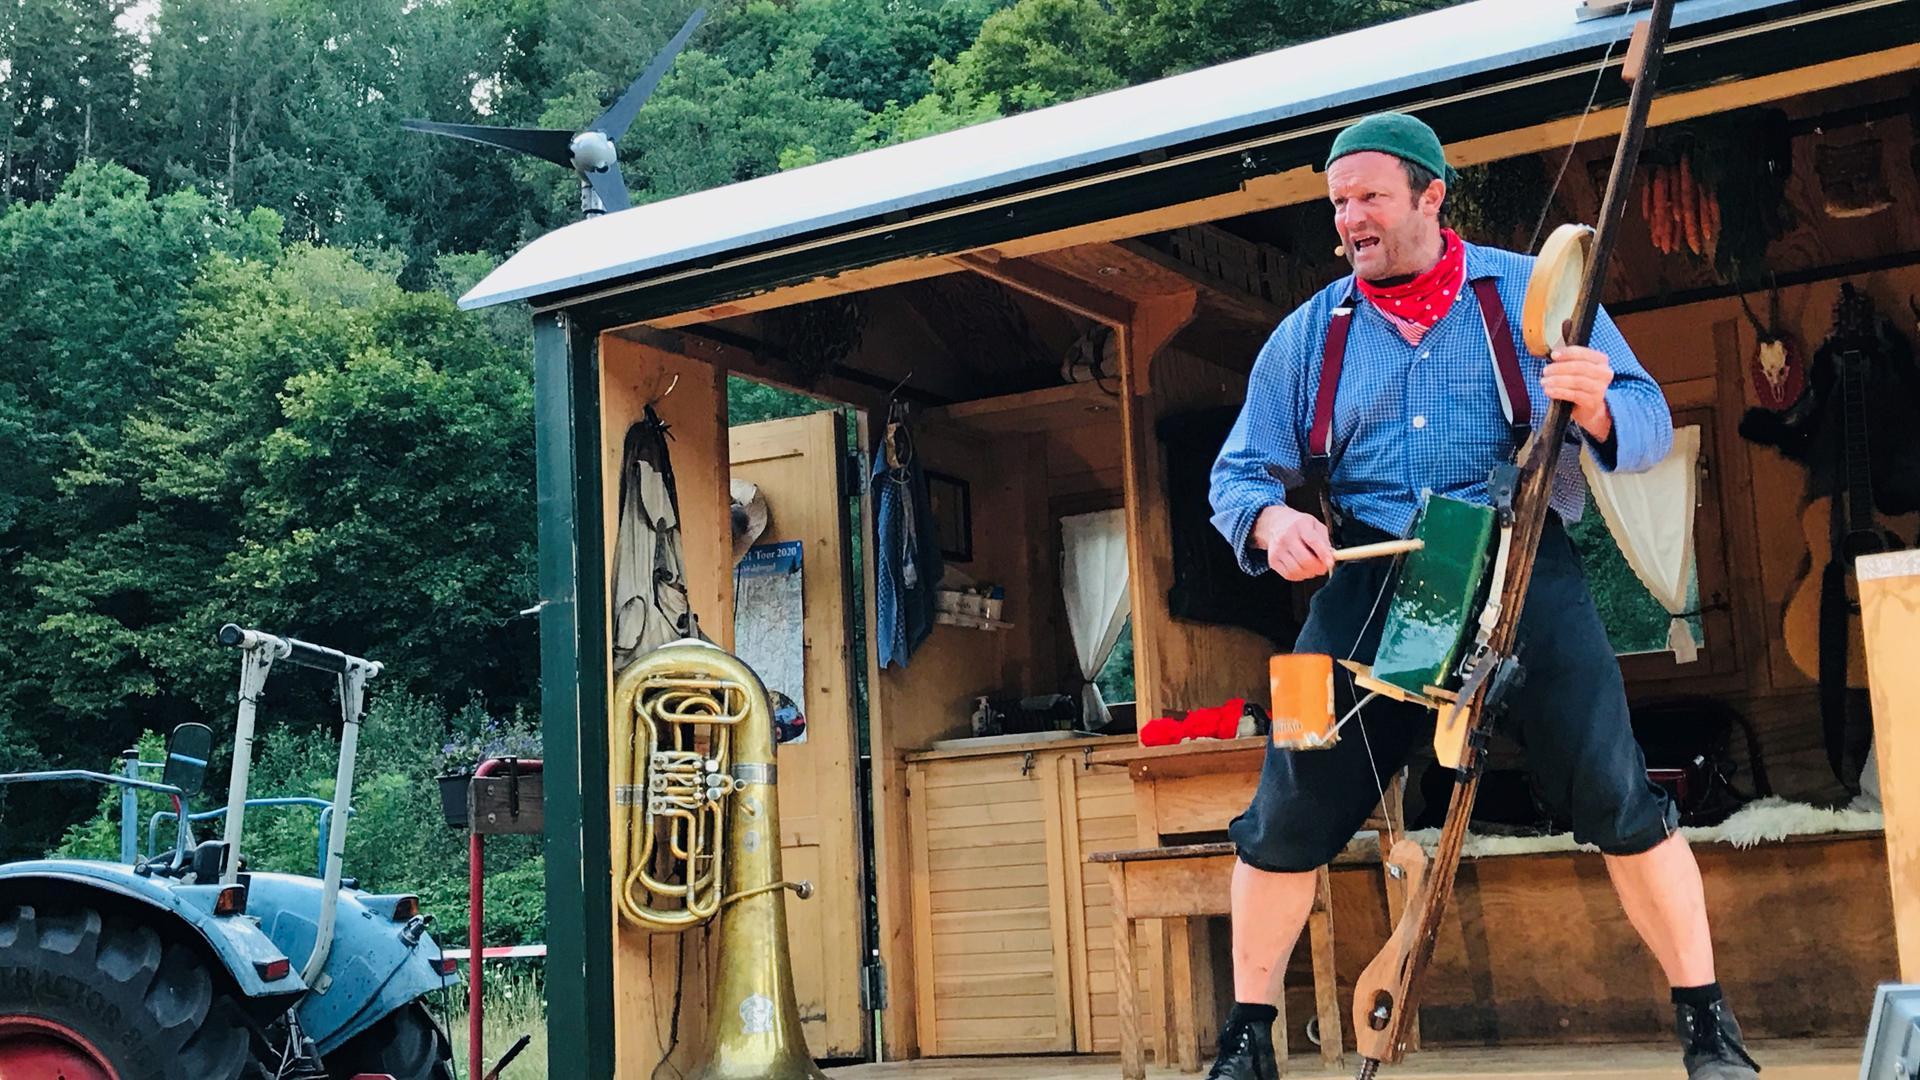 Ein Mann steht mit einem Holzstab auf einer Holzbühne. Am Stab hängen Blechdosen und ein kleines Tamburin, die als Percussionsinstrumente genutzt werden.